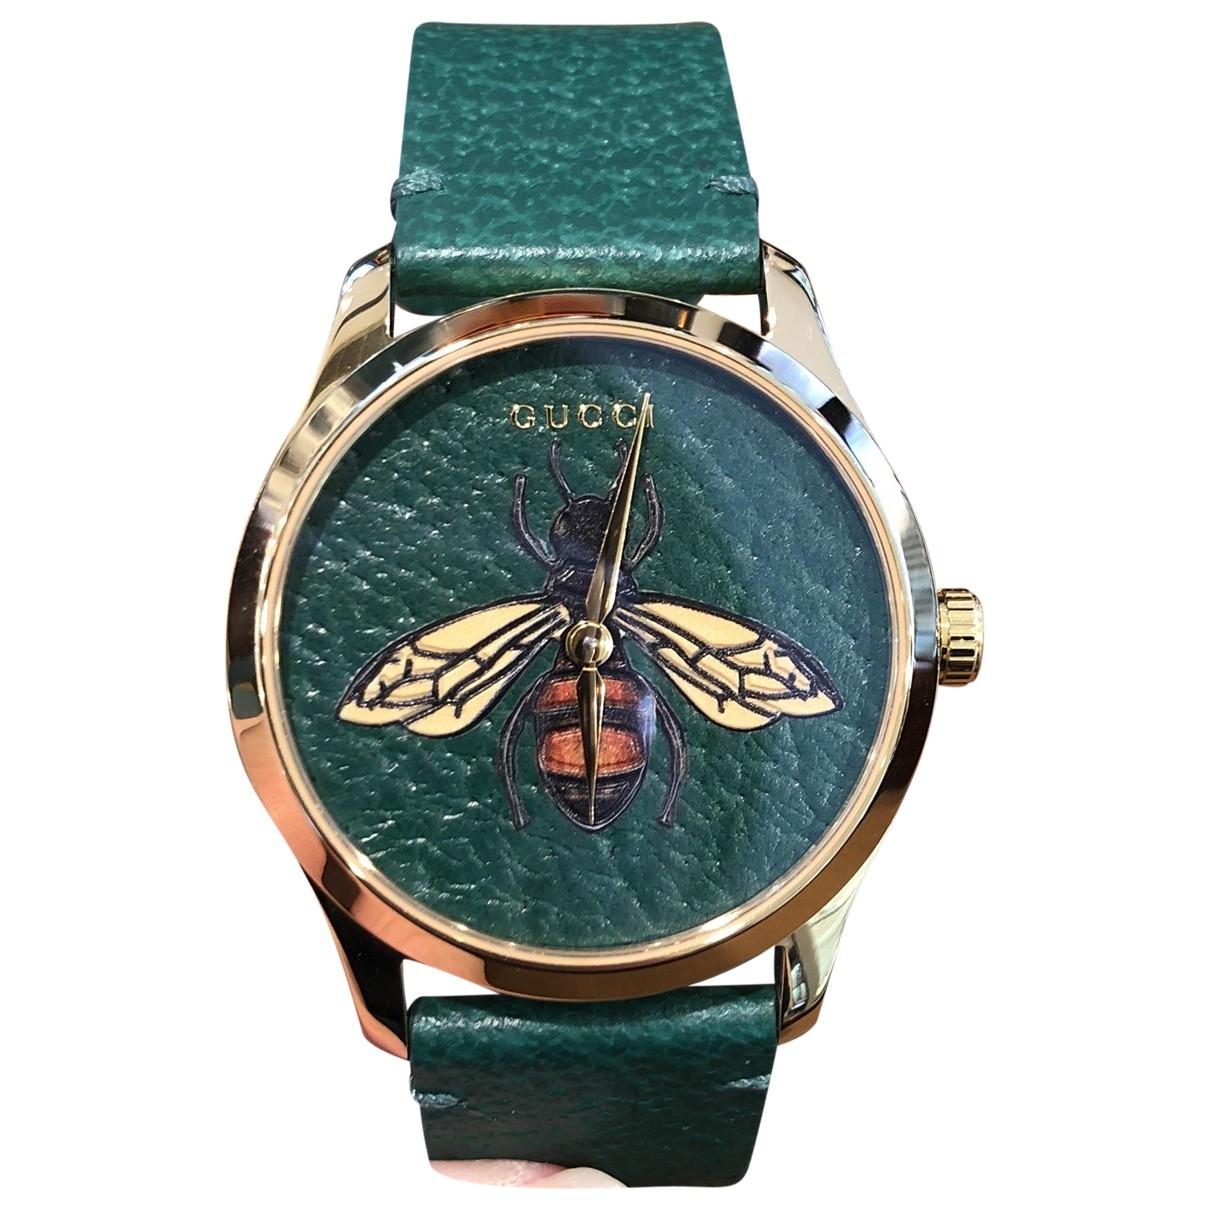 Relojes Le Marche des Merveilles Gucci